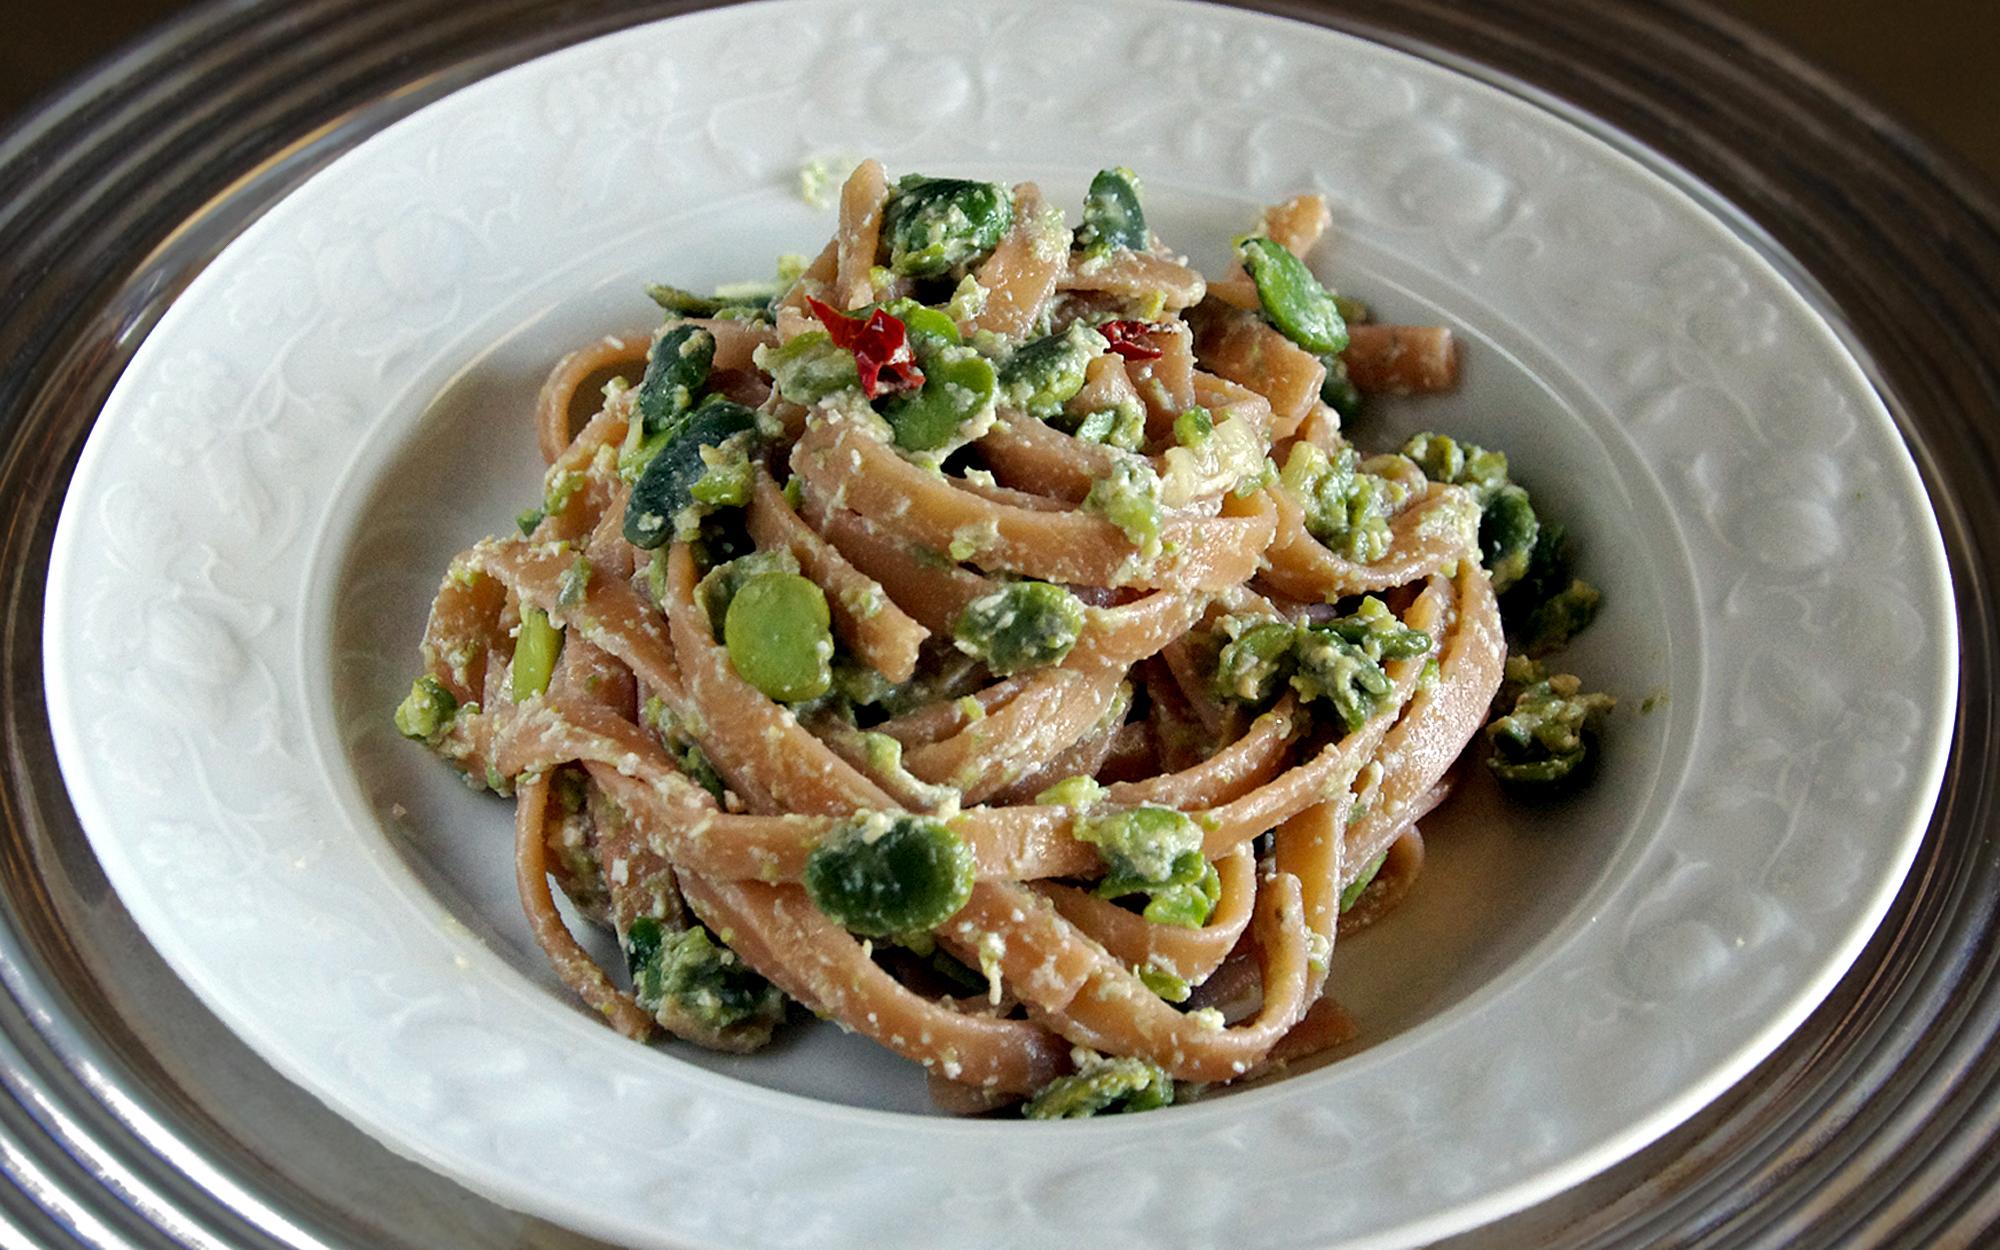 Ricetta Gnocchi Asparagi Fave E Ricotta.Pasta Fave E Ricotta La Ricetta Tradizionale Siciliana